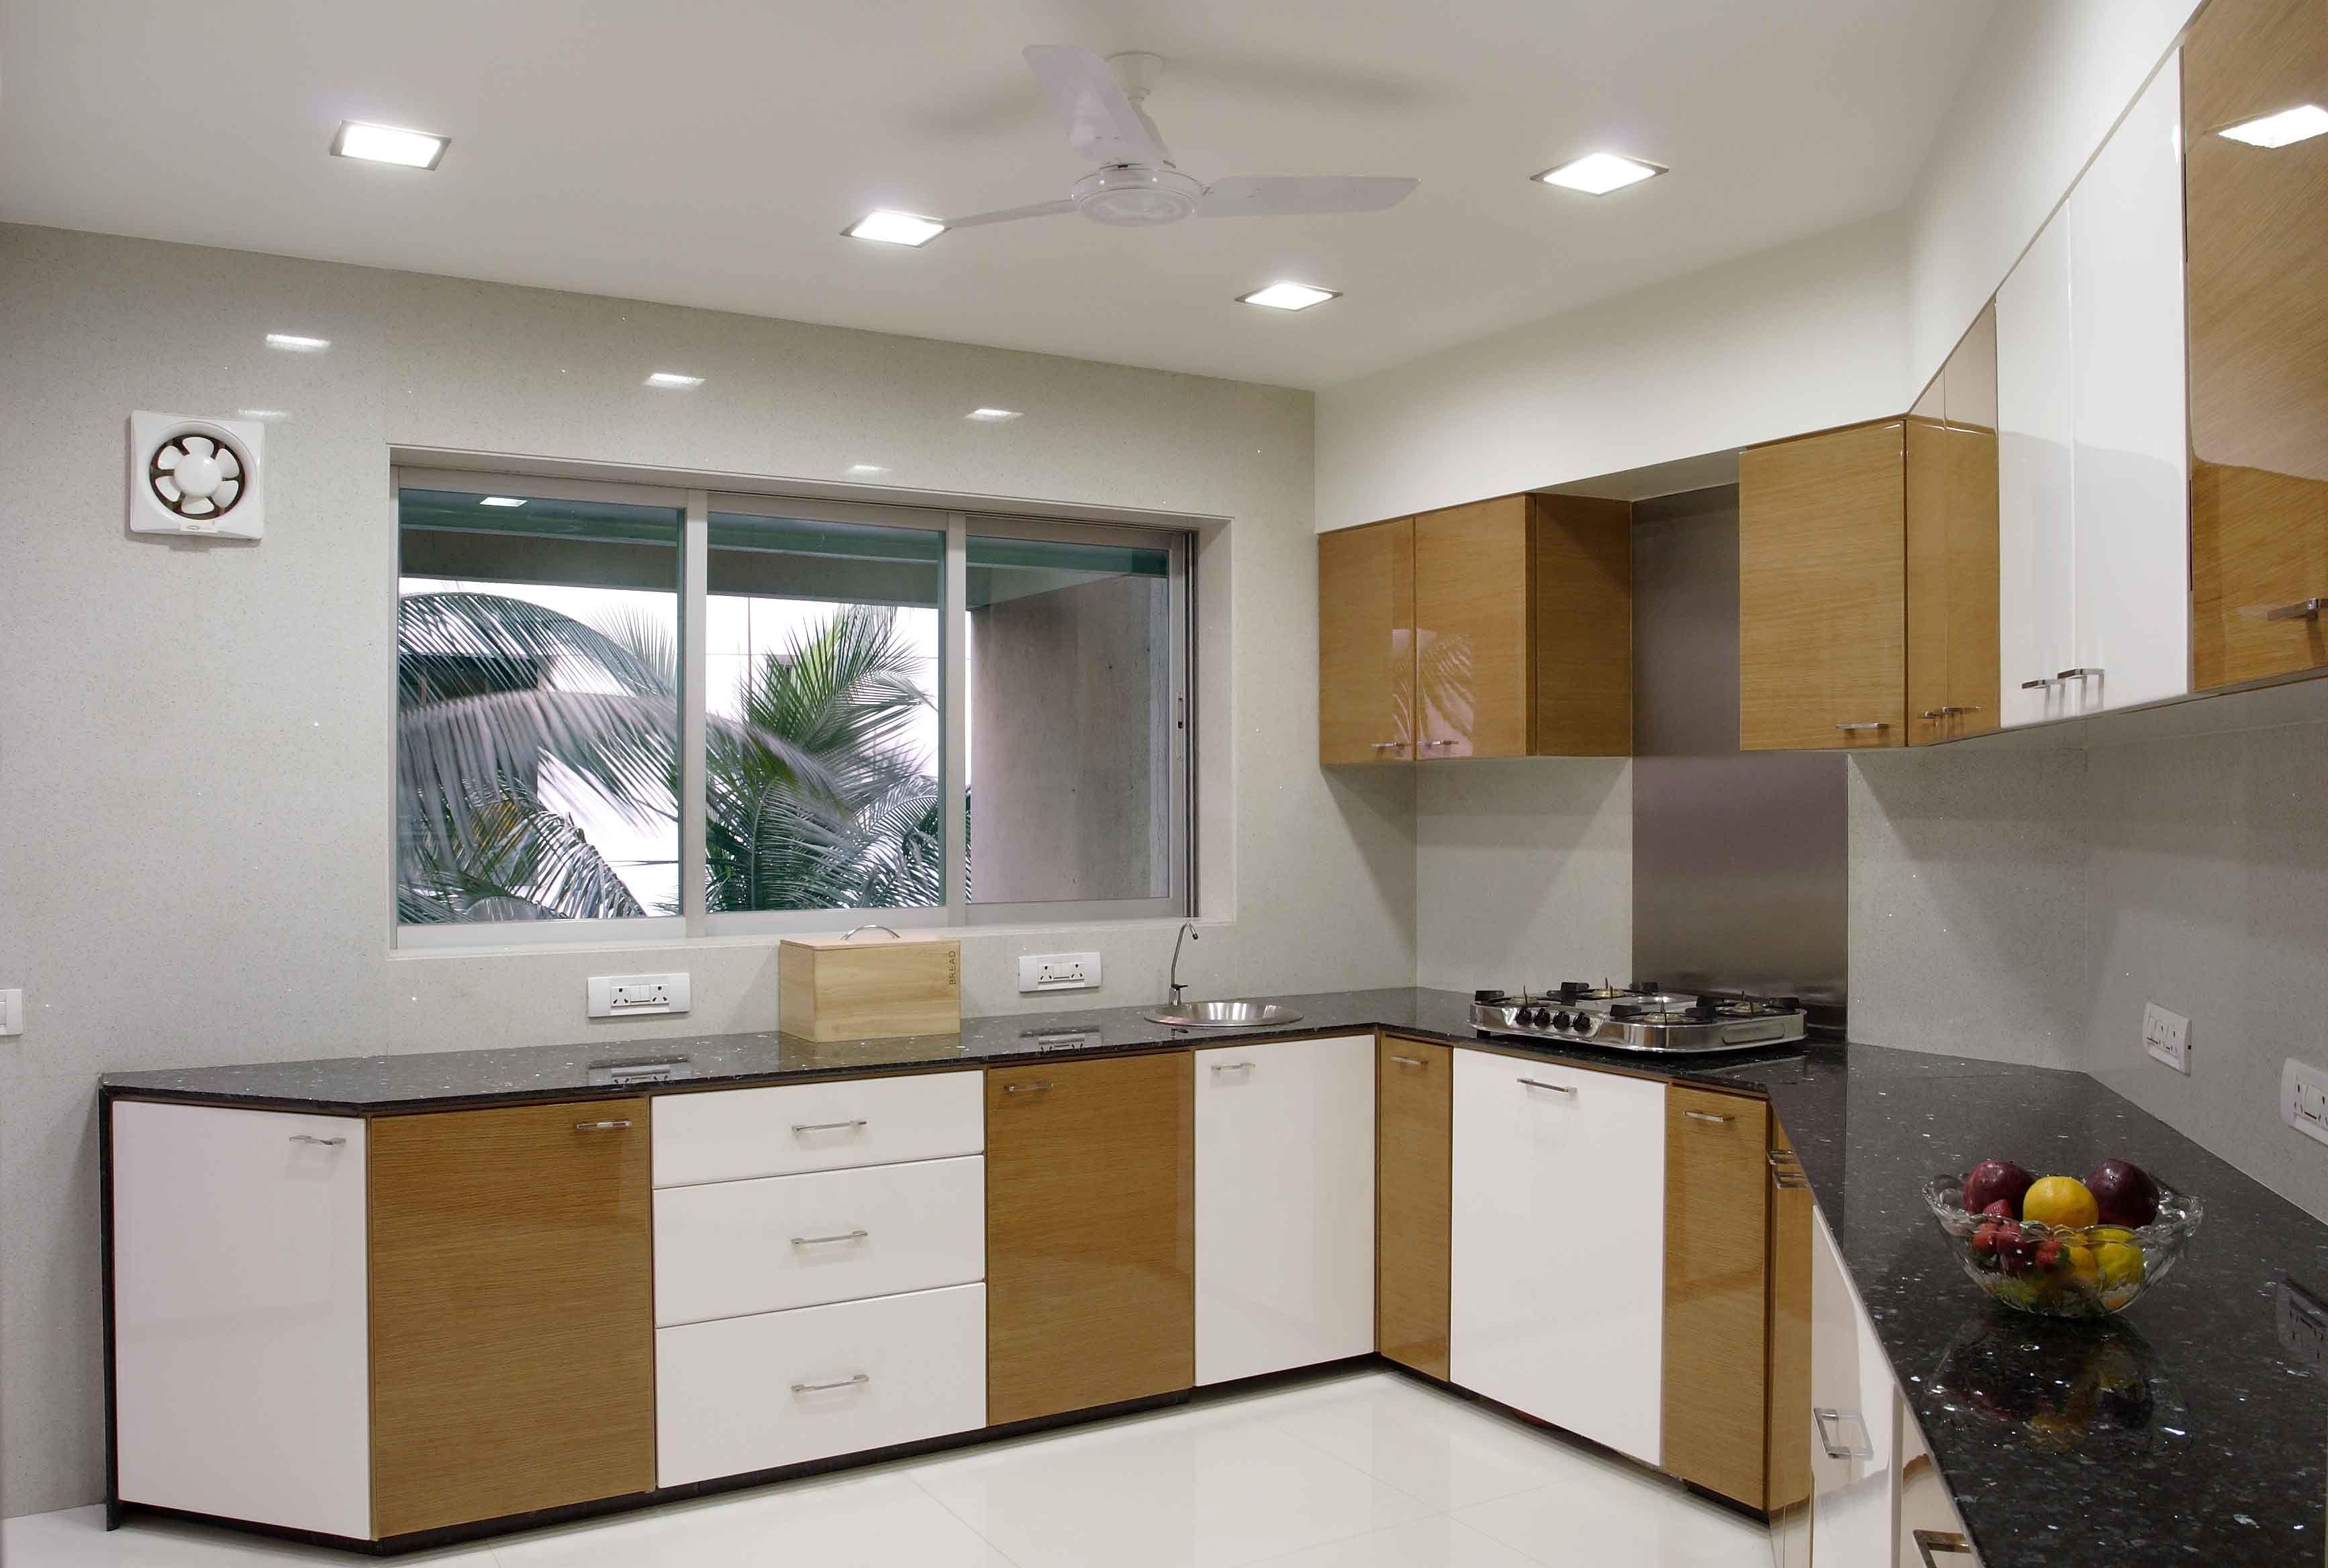 Interior Design Kitchen Fresh Decoration Home Interior Pictures